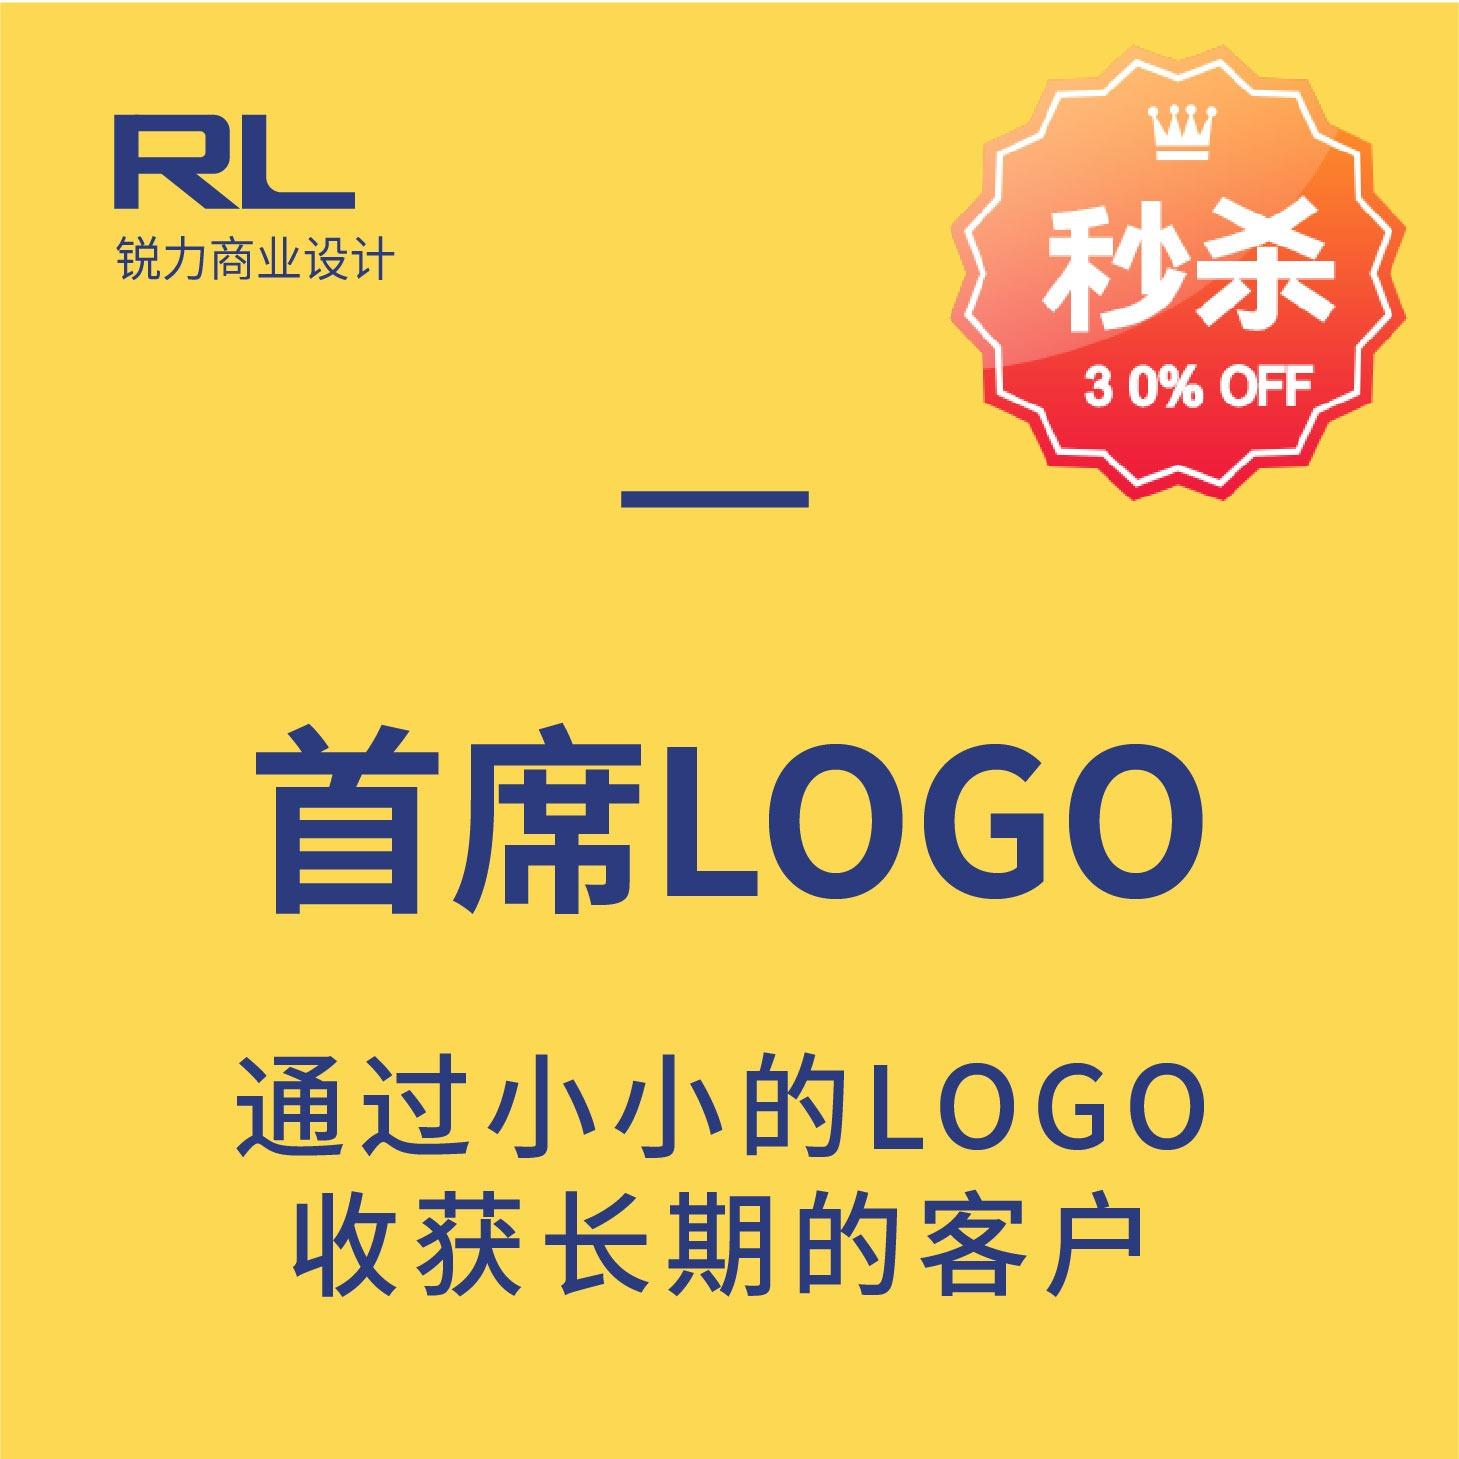 【首席LOGO】图片logo卡通家政房产租车精美logo设计